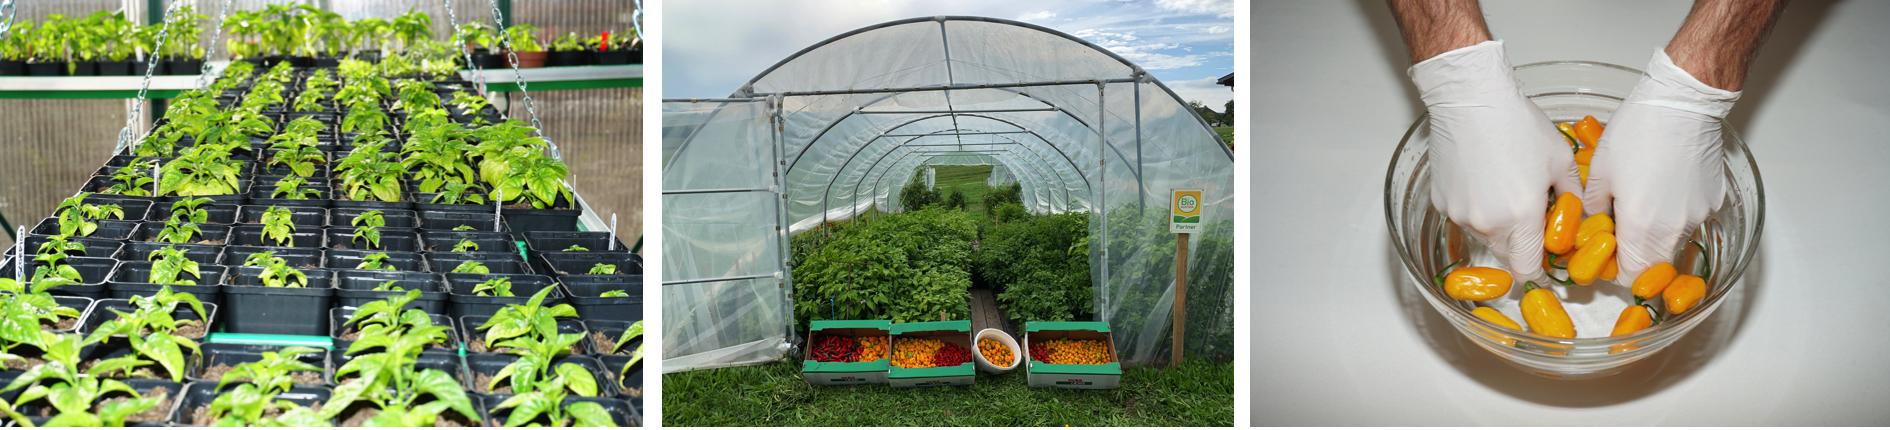 Chilipflanzen, ein Folientunnel und das Waschen der Chilis